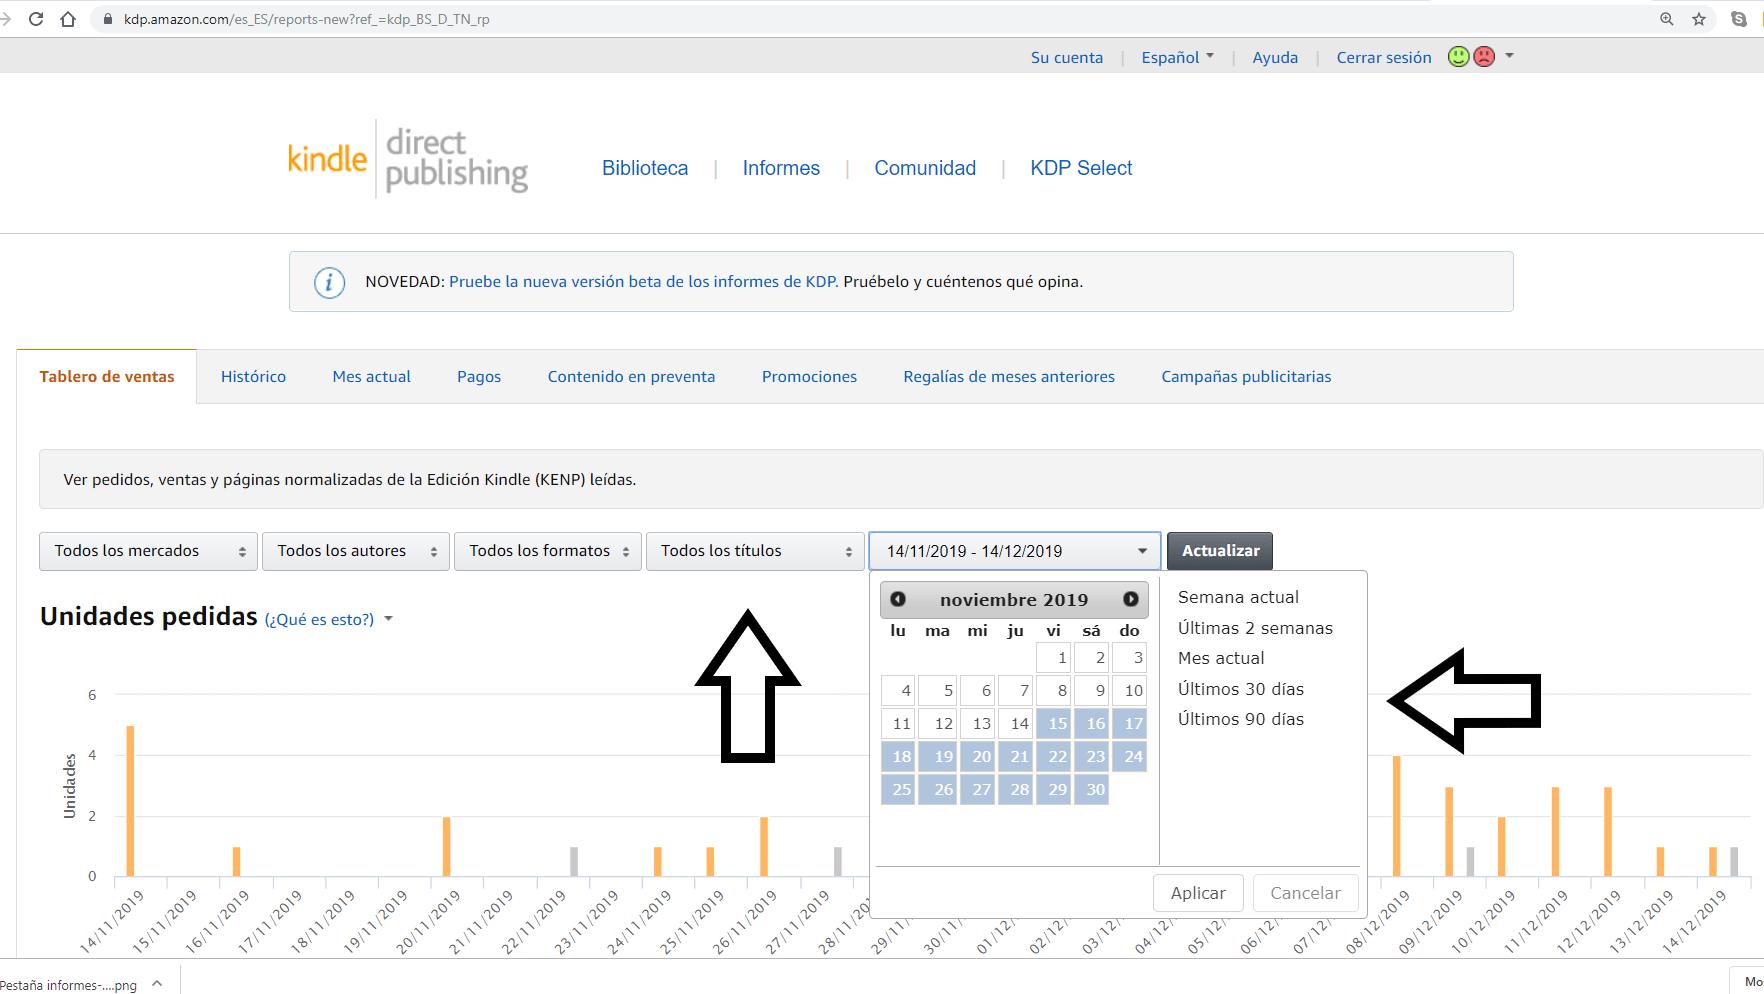 Consultar-tablero-de-ventas-amazon kdp